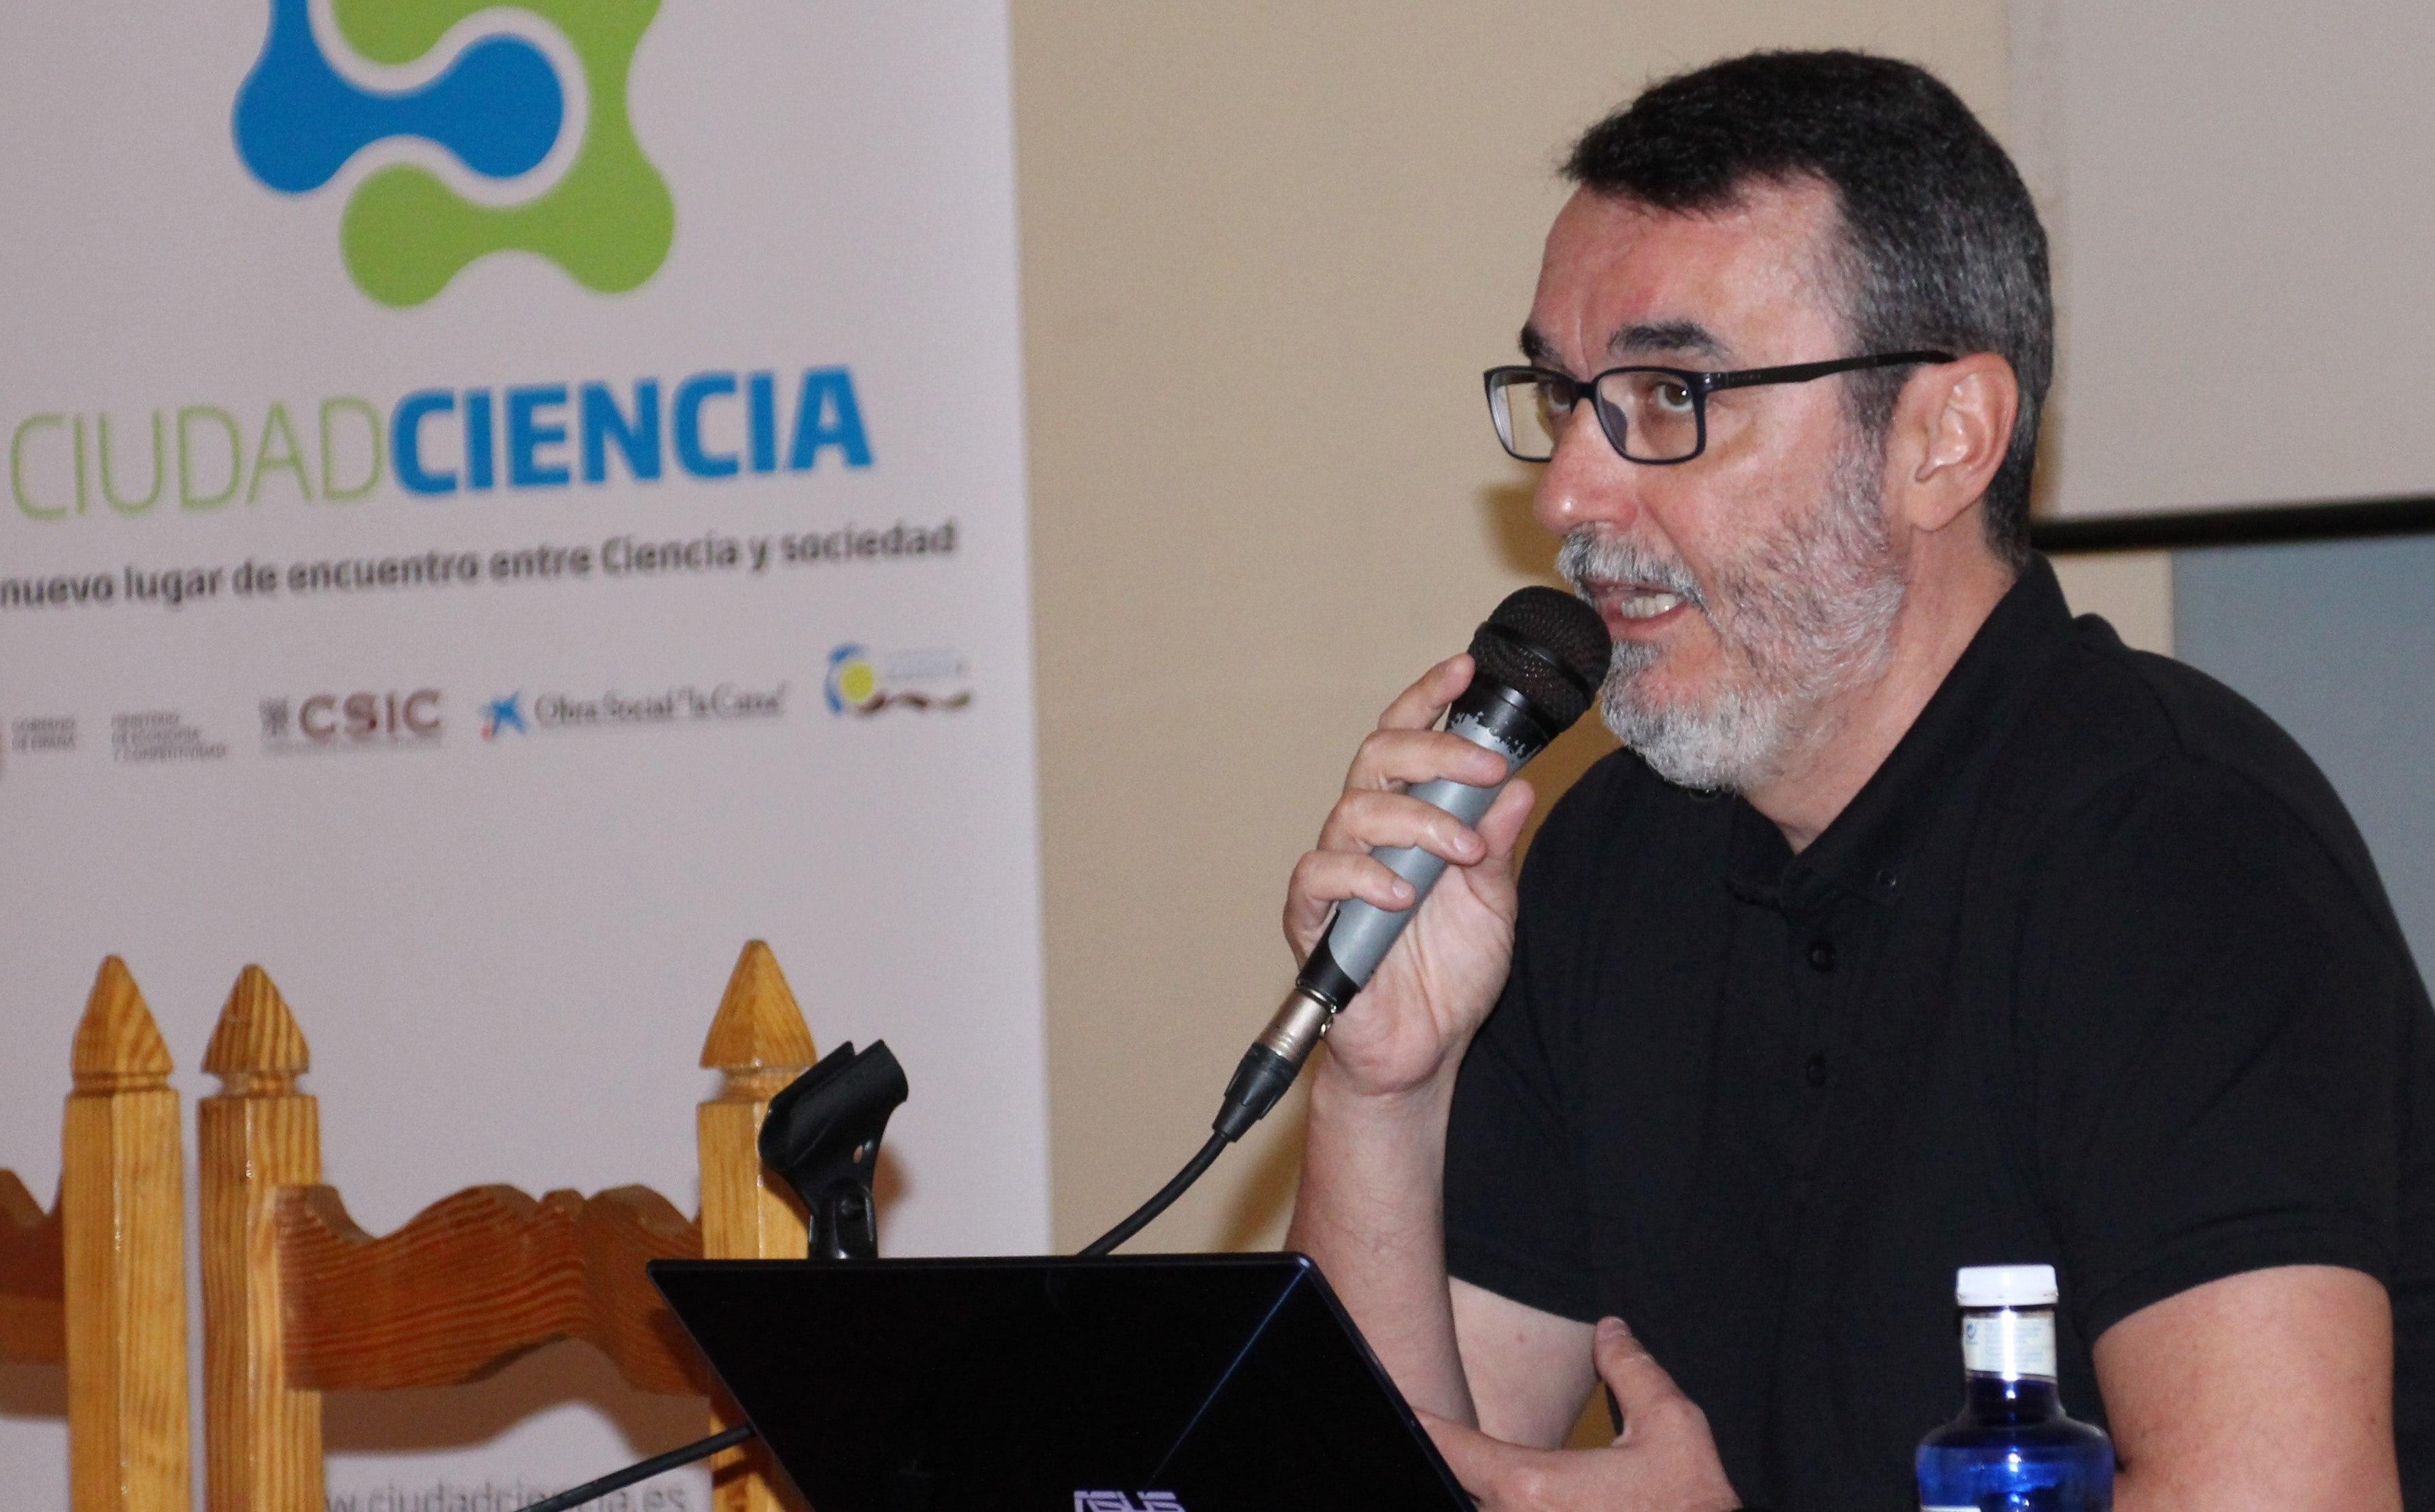 Juan Ángel Vaquerizo durante su charla